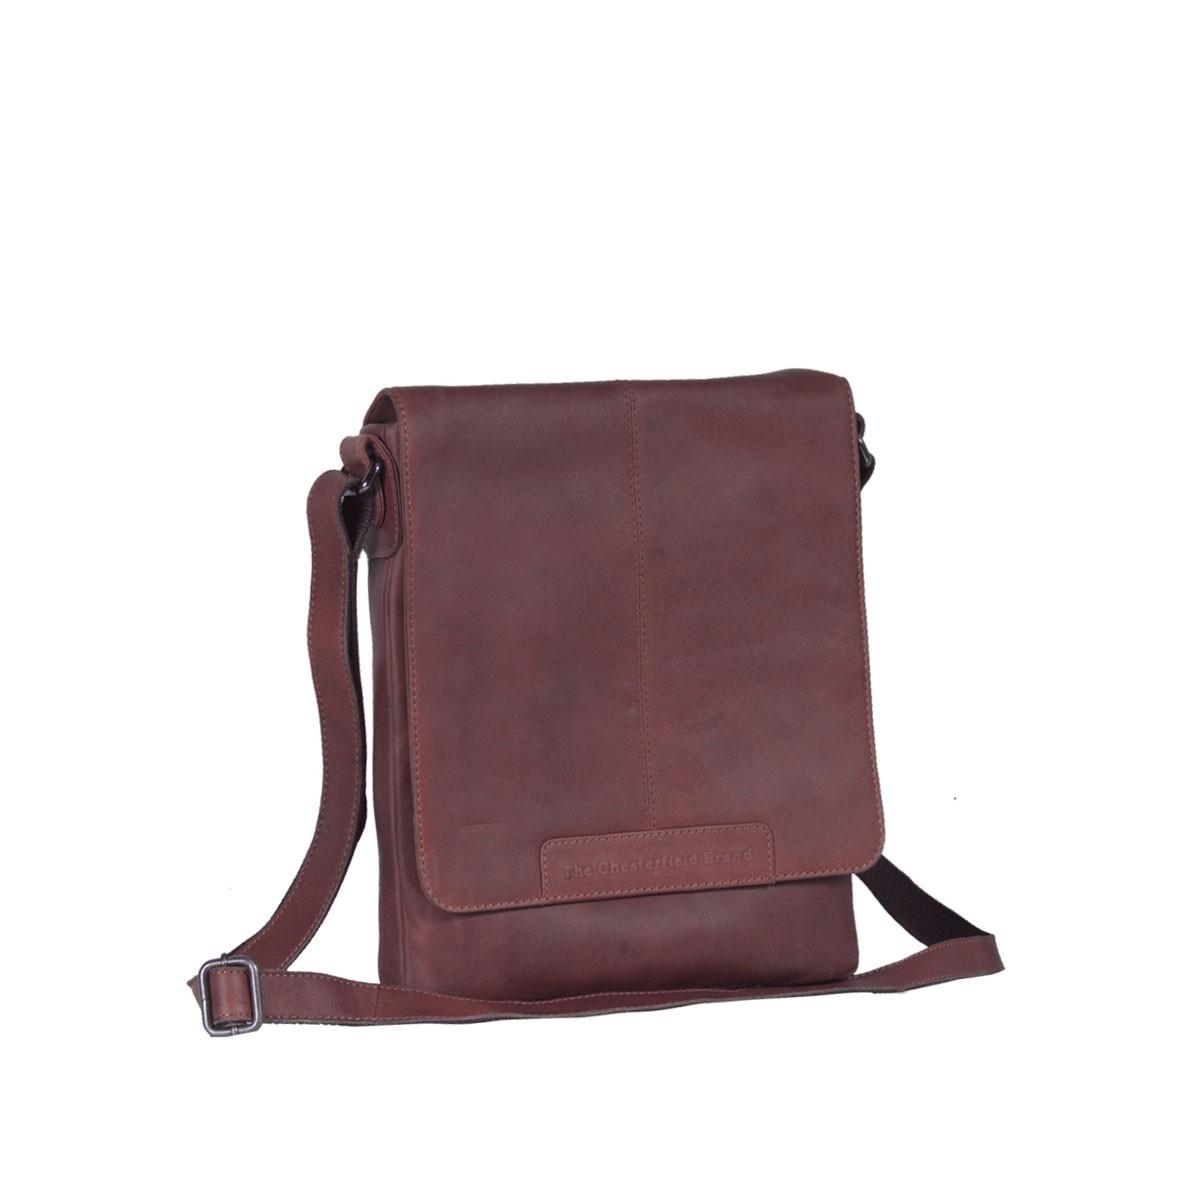 Image of Leather Shoulder Bag Brown Bliss